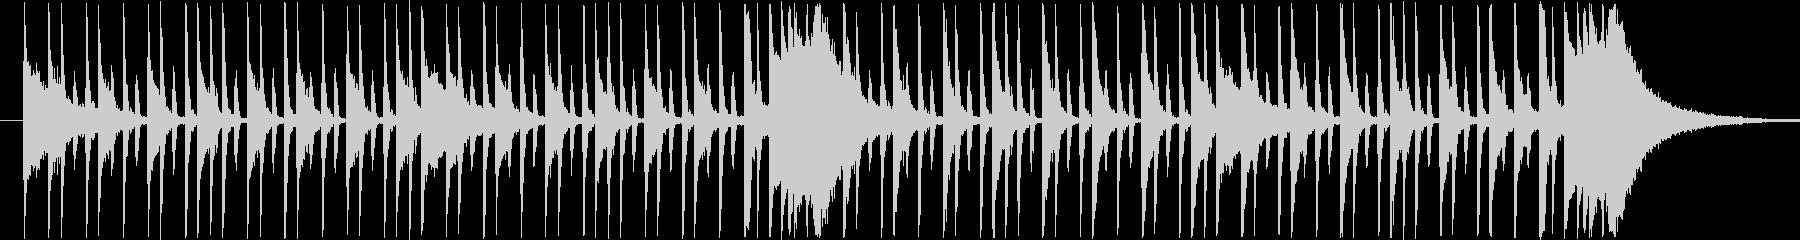 スタイリッシュなロックドラムBGMの未再生の波形